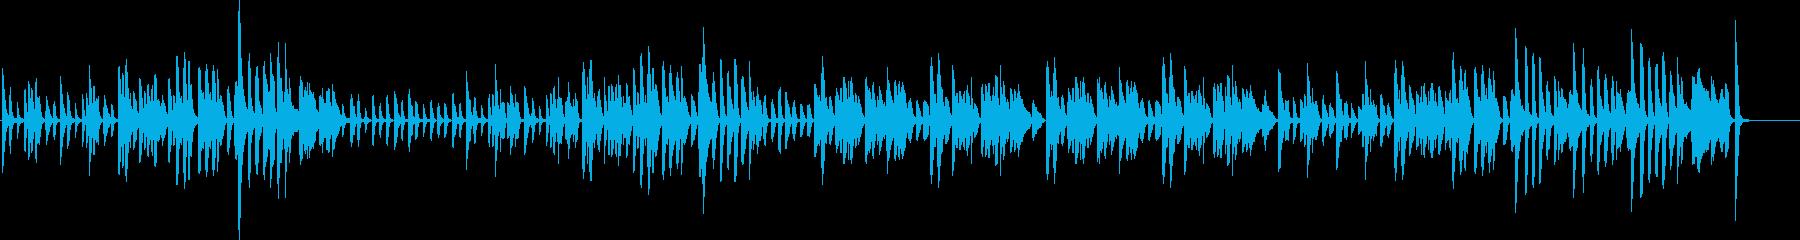 明るく呑気・ゆるいラグタイム・ピアノソロの再生済みの波形